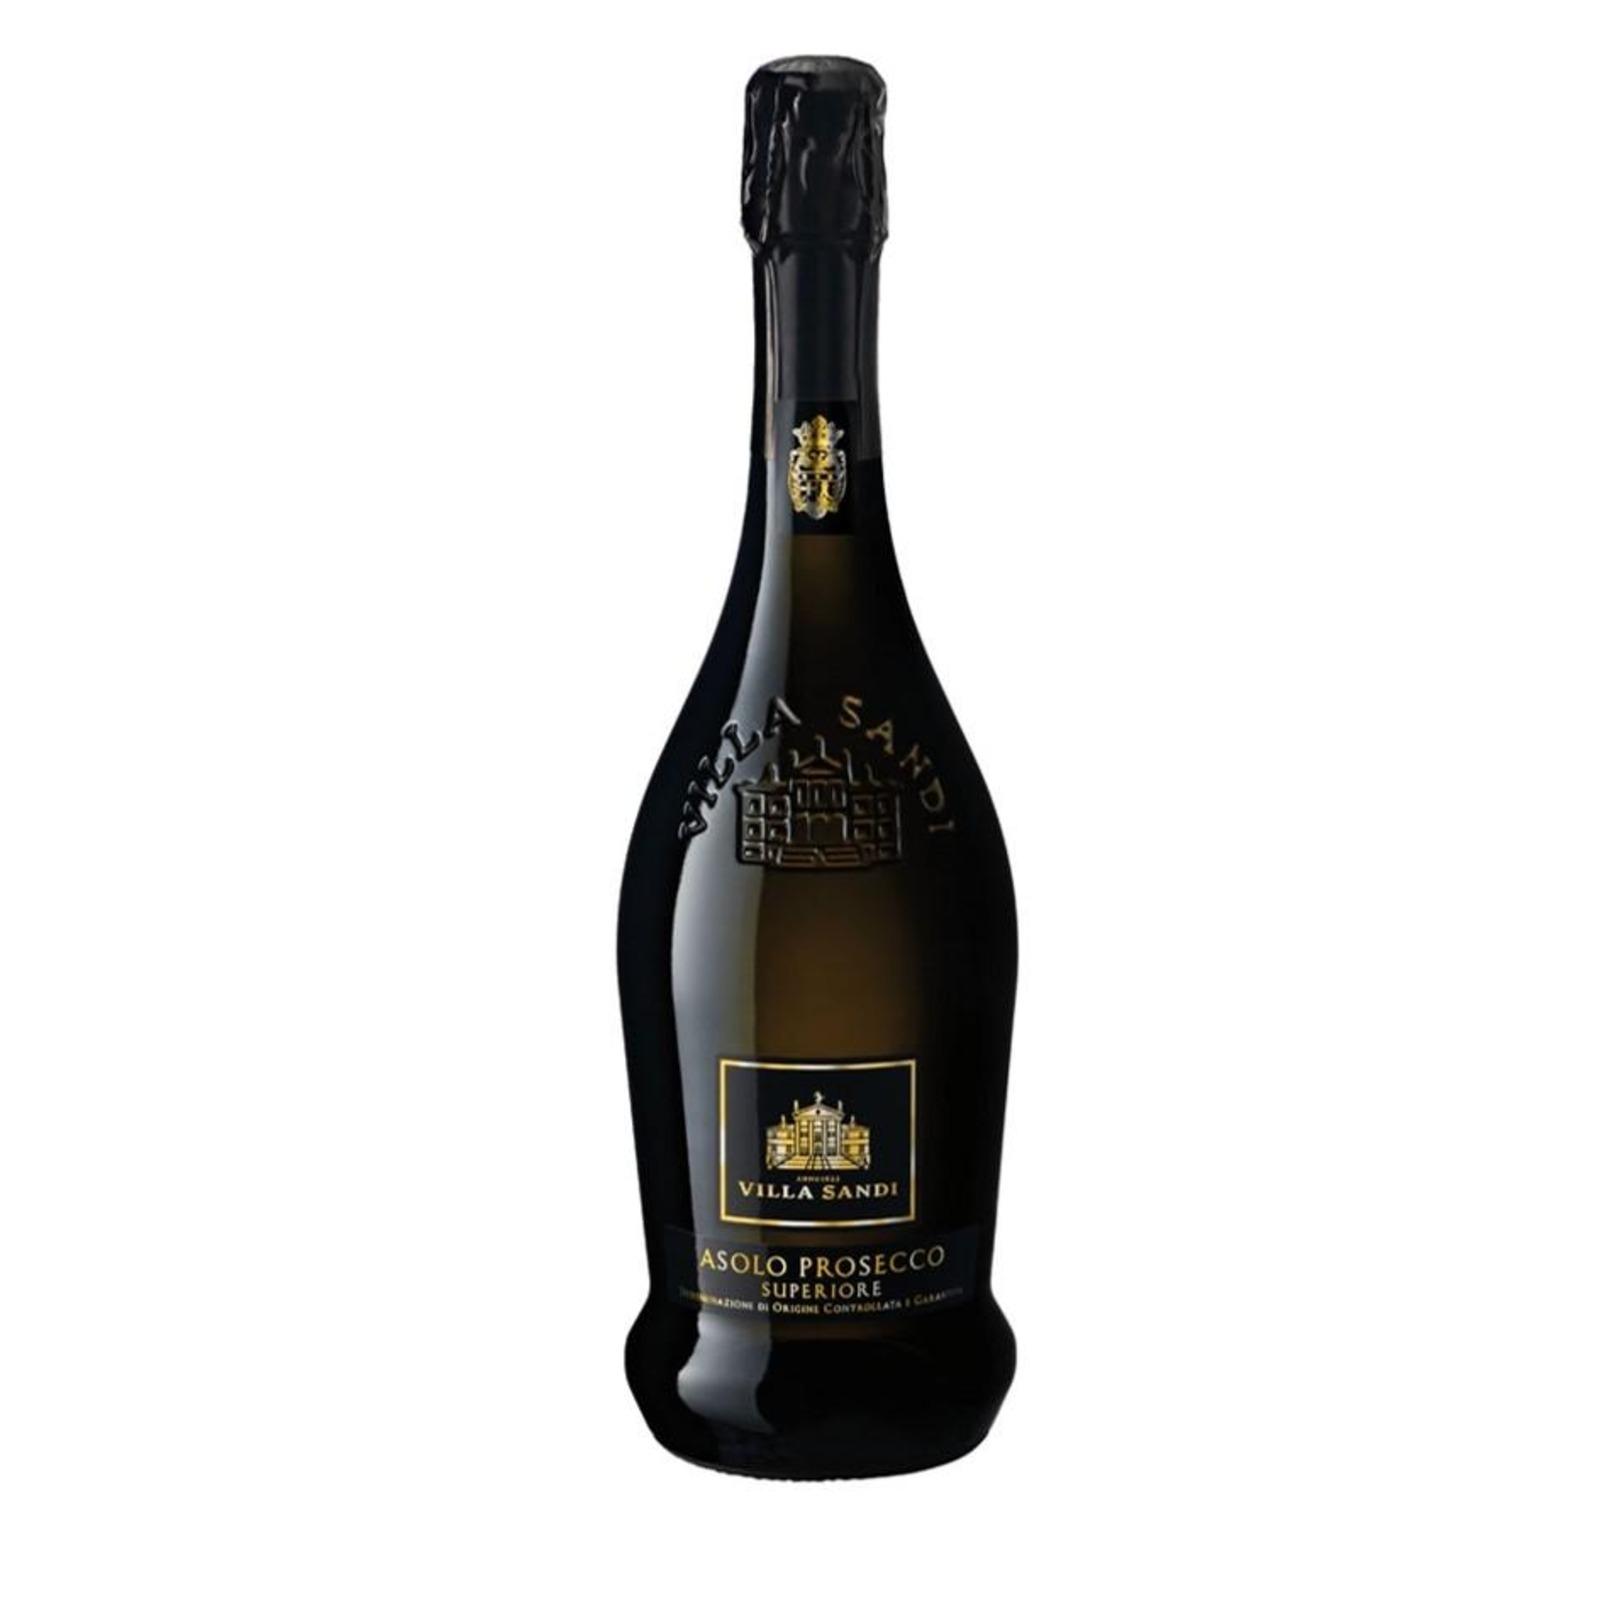 Villa Sandi Asolo Prosecco Biodiversity Friend